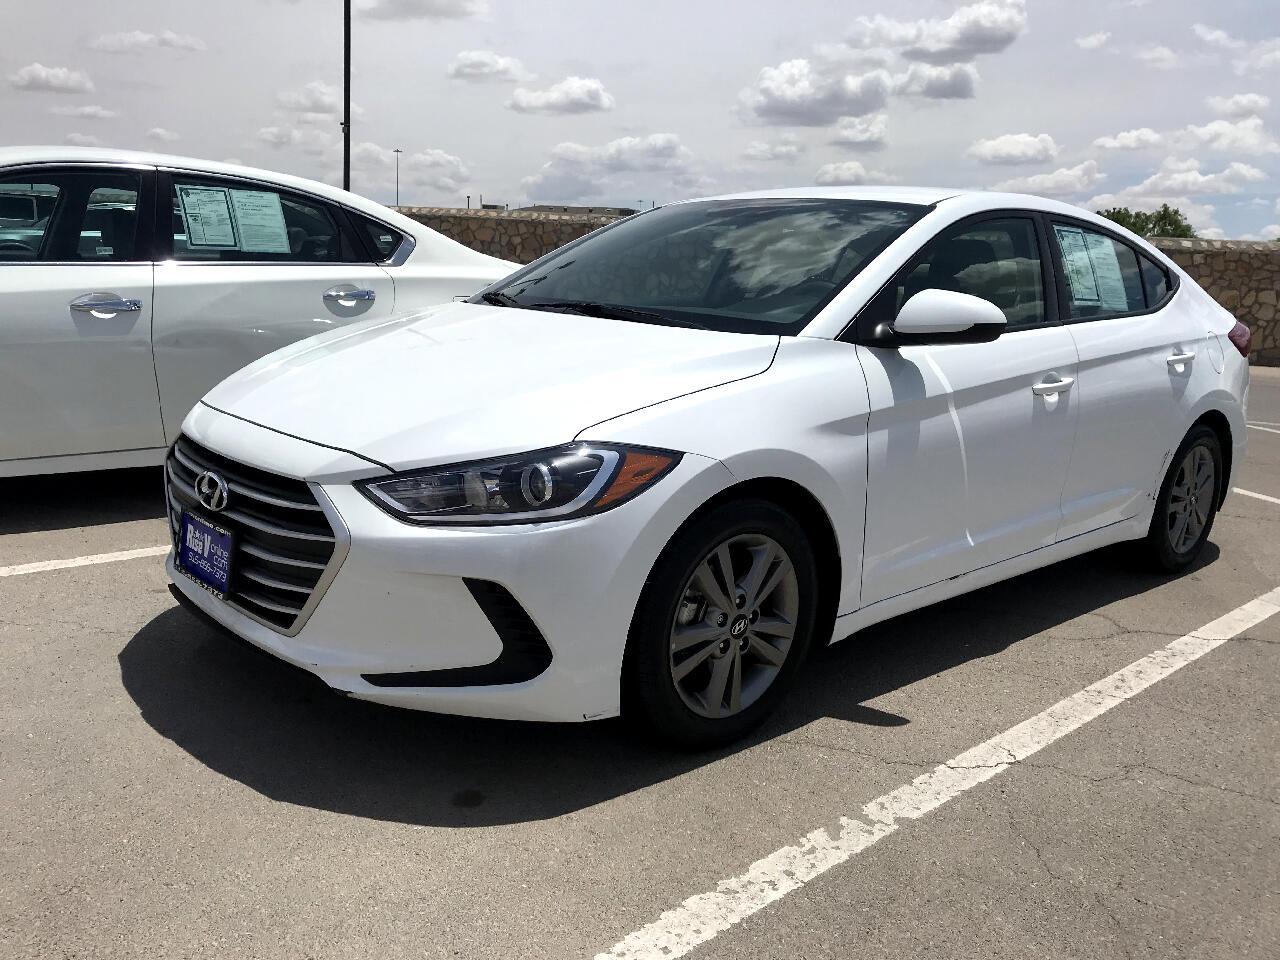 2017 Hyundai Elantra SE 2.0L Auto (Alabama)